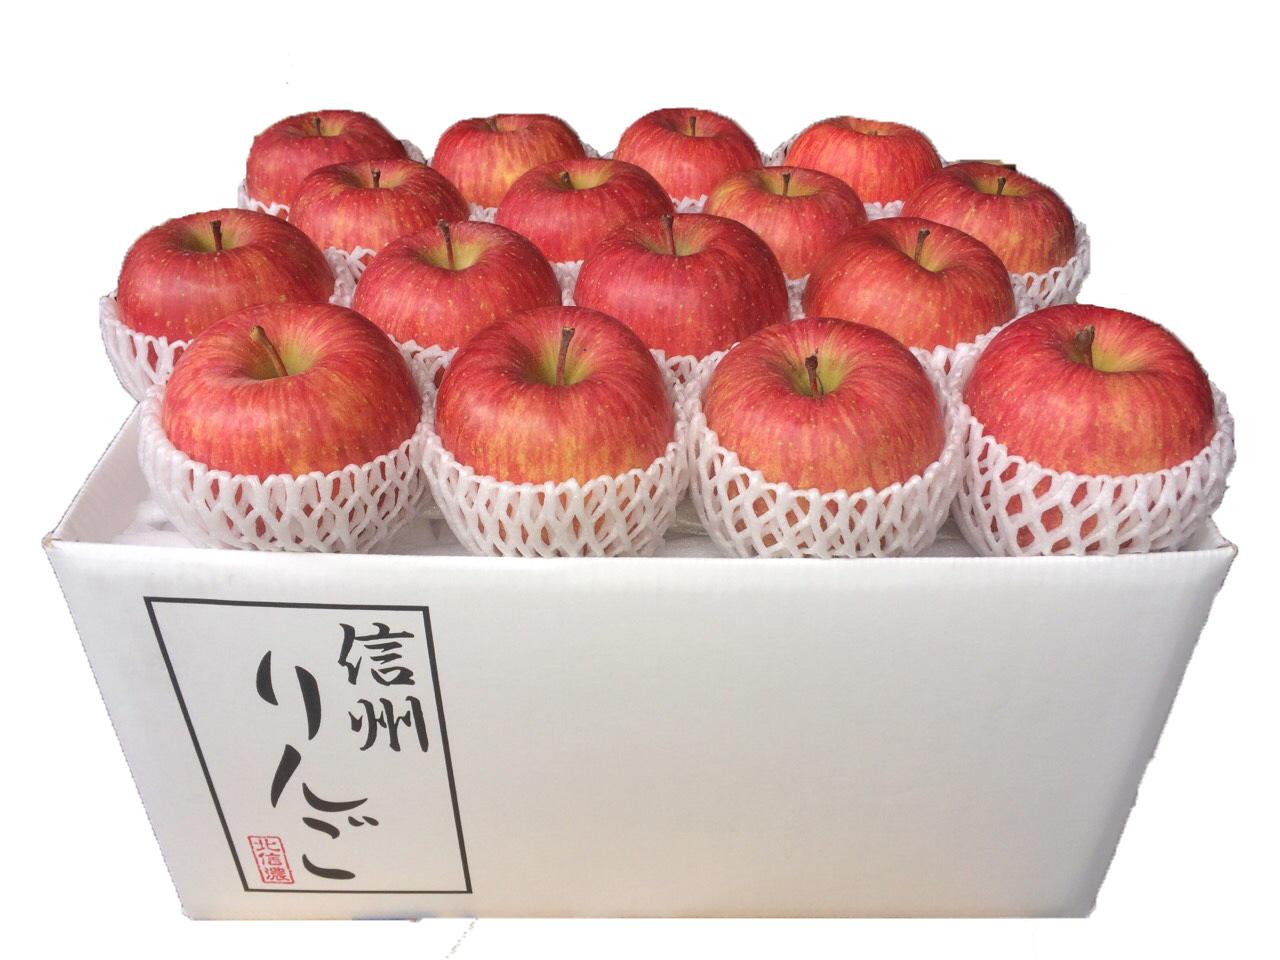 長野県産北信濃サンふじ 秀品10kg(26~32玉) No.500